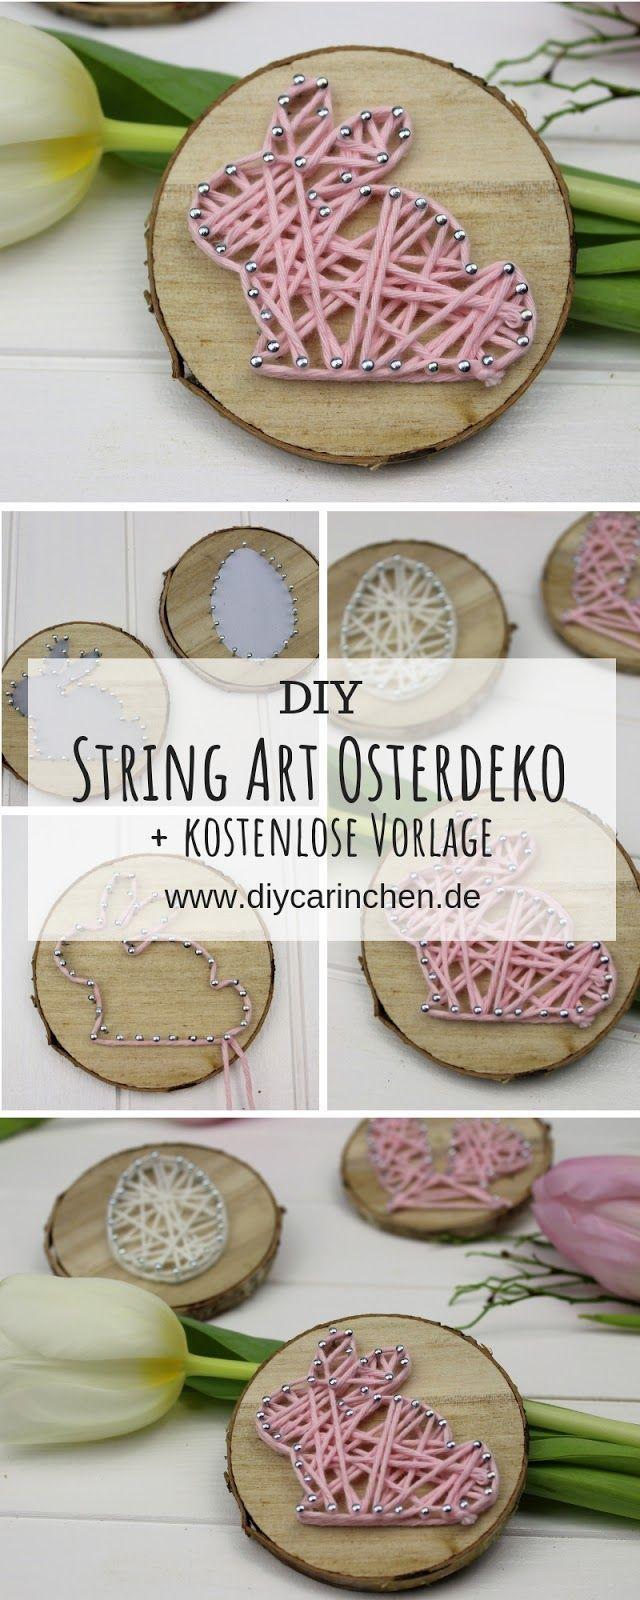 Photo of DIY DIY Osterhase in String Art auf einer Zweigscheibe